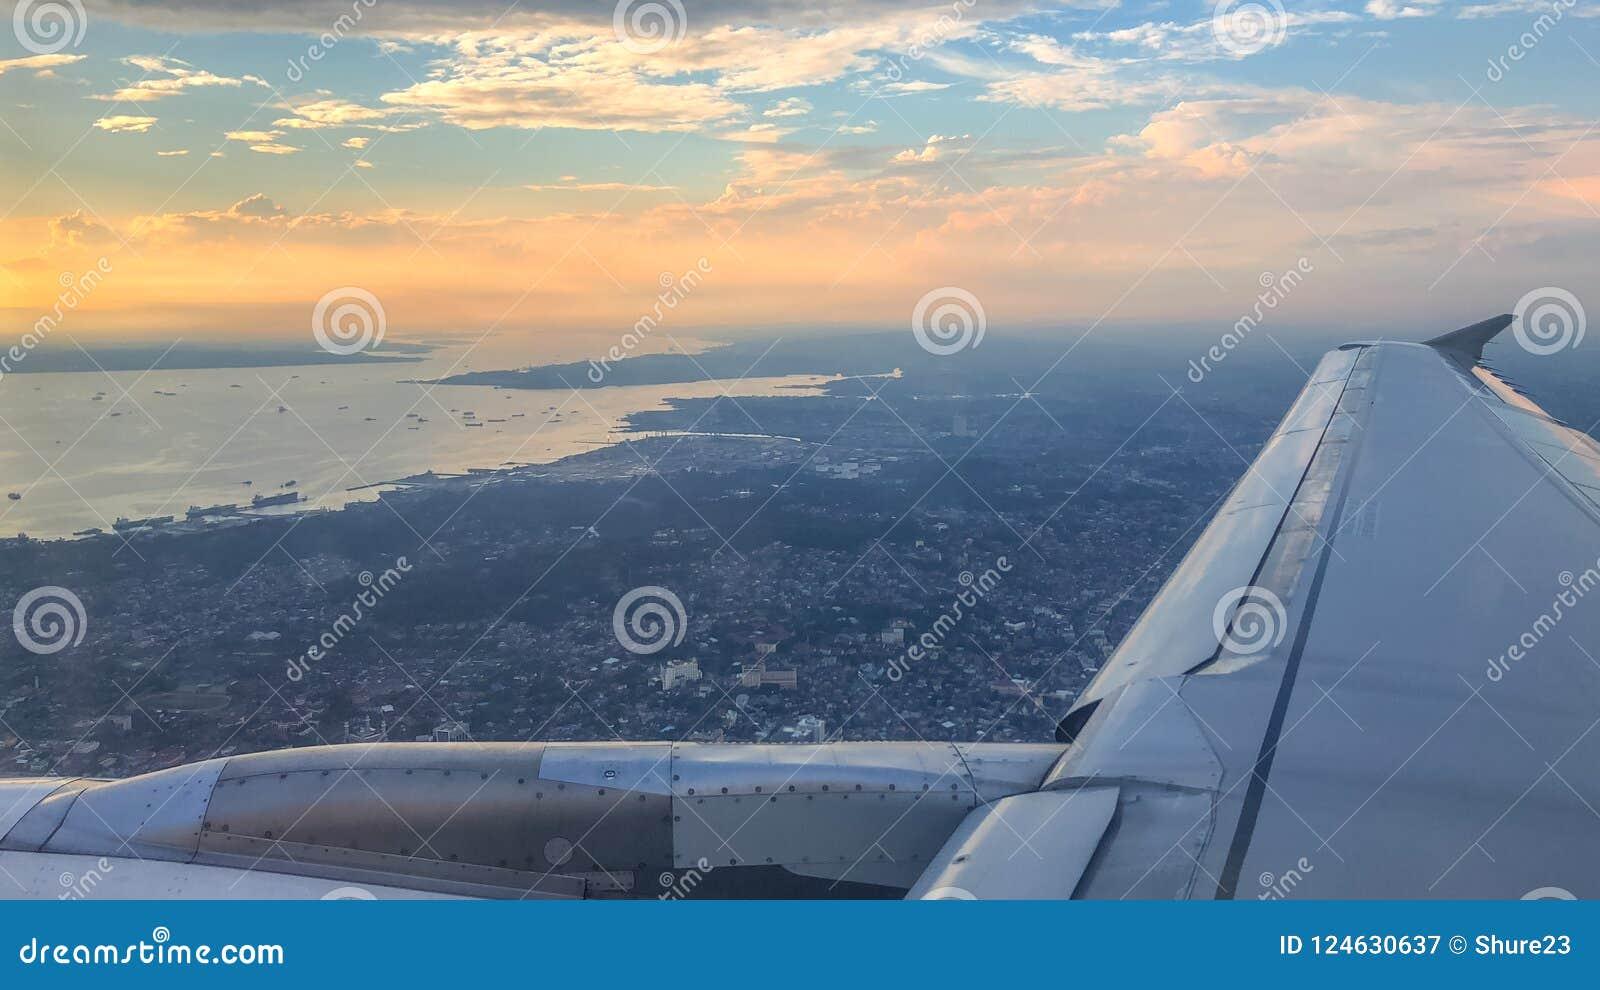 Panorama Aereo Di Tramonto Sopra La Città Di Balikpapan Sull'isola Del  Borneo, Indonesia Immagine Stock - Immagine di aereo, indonesia: 124630637